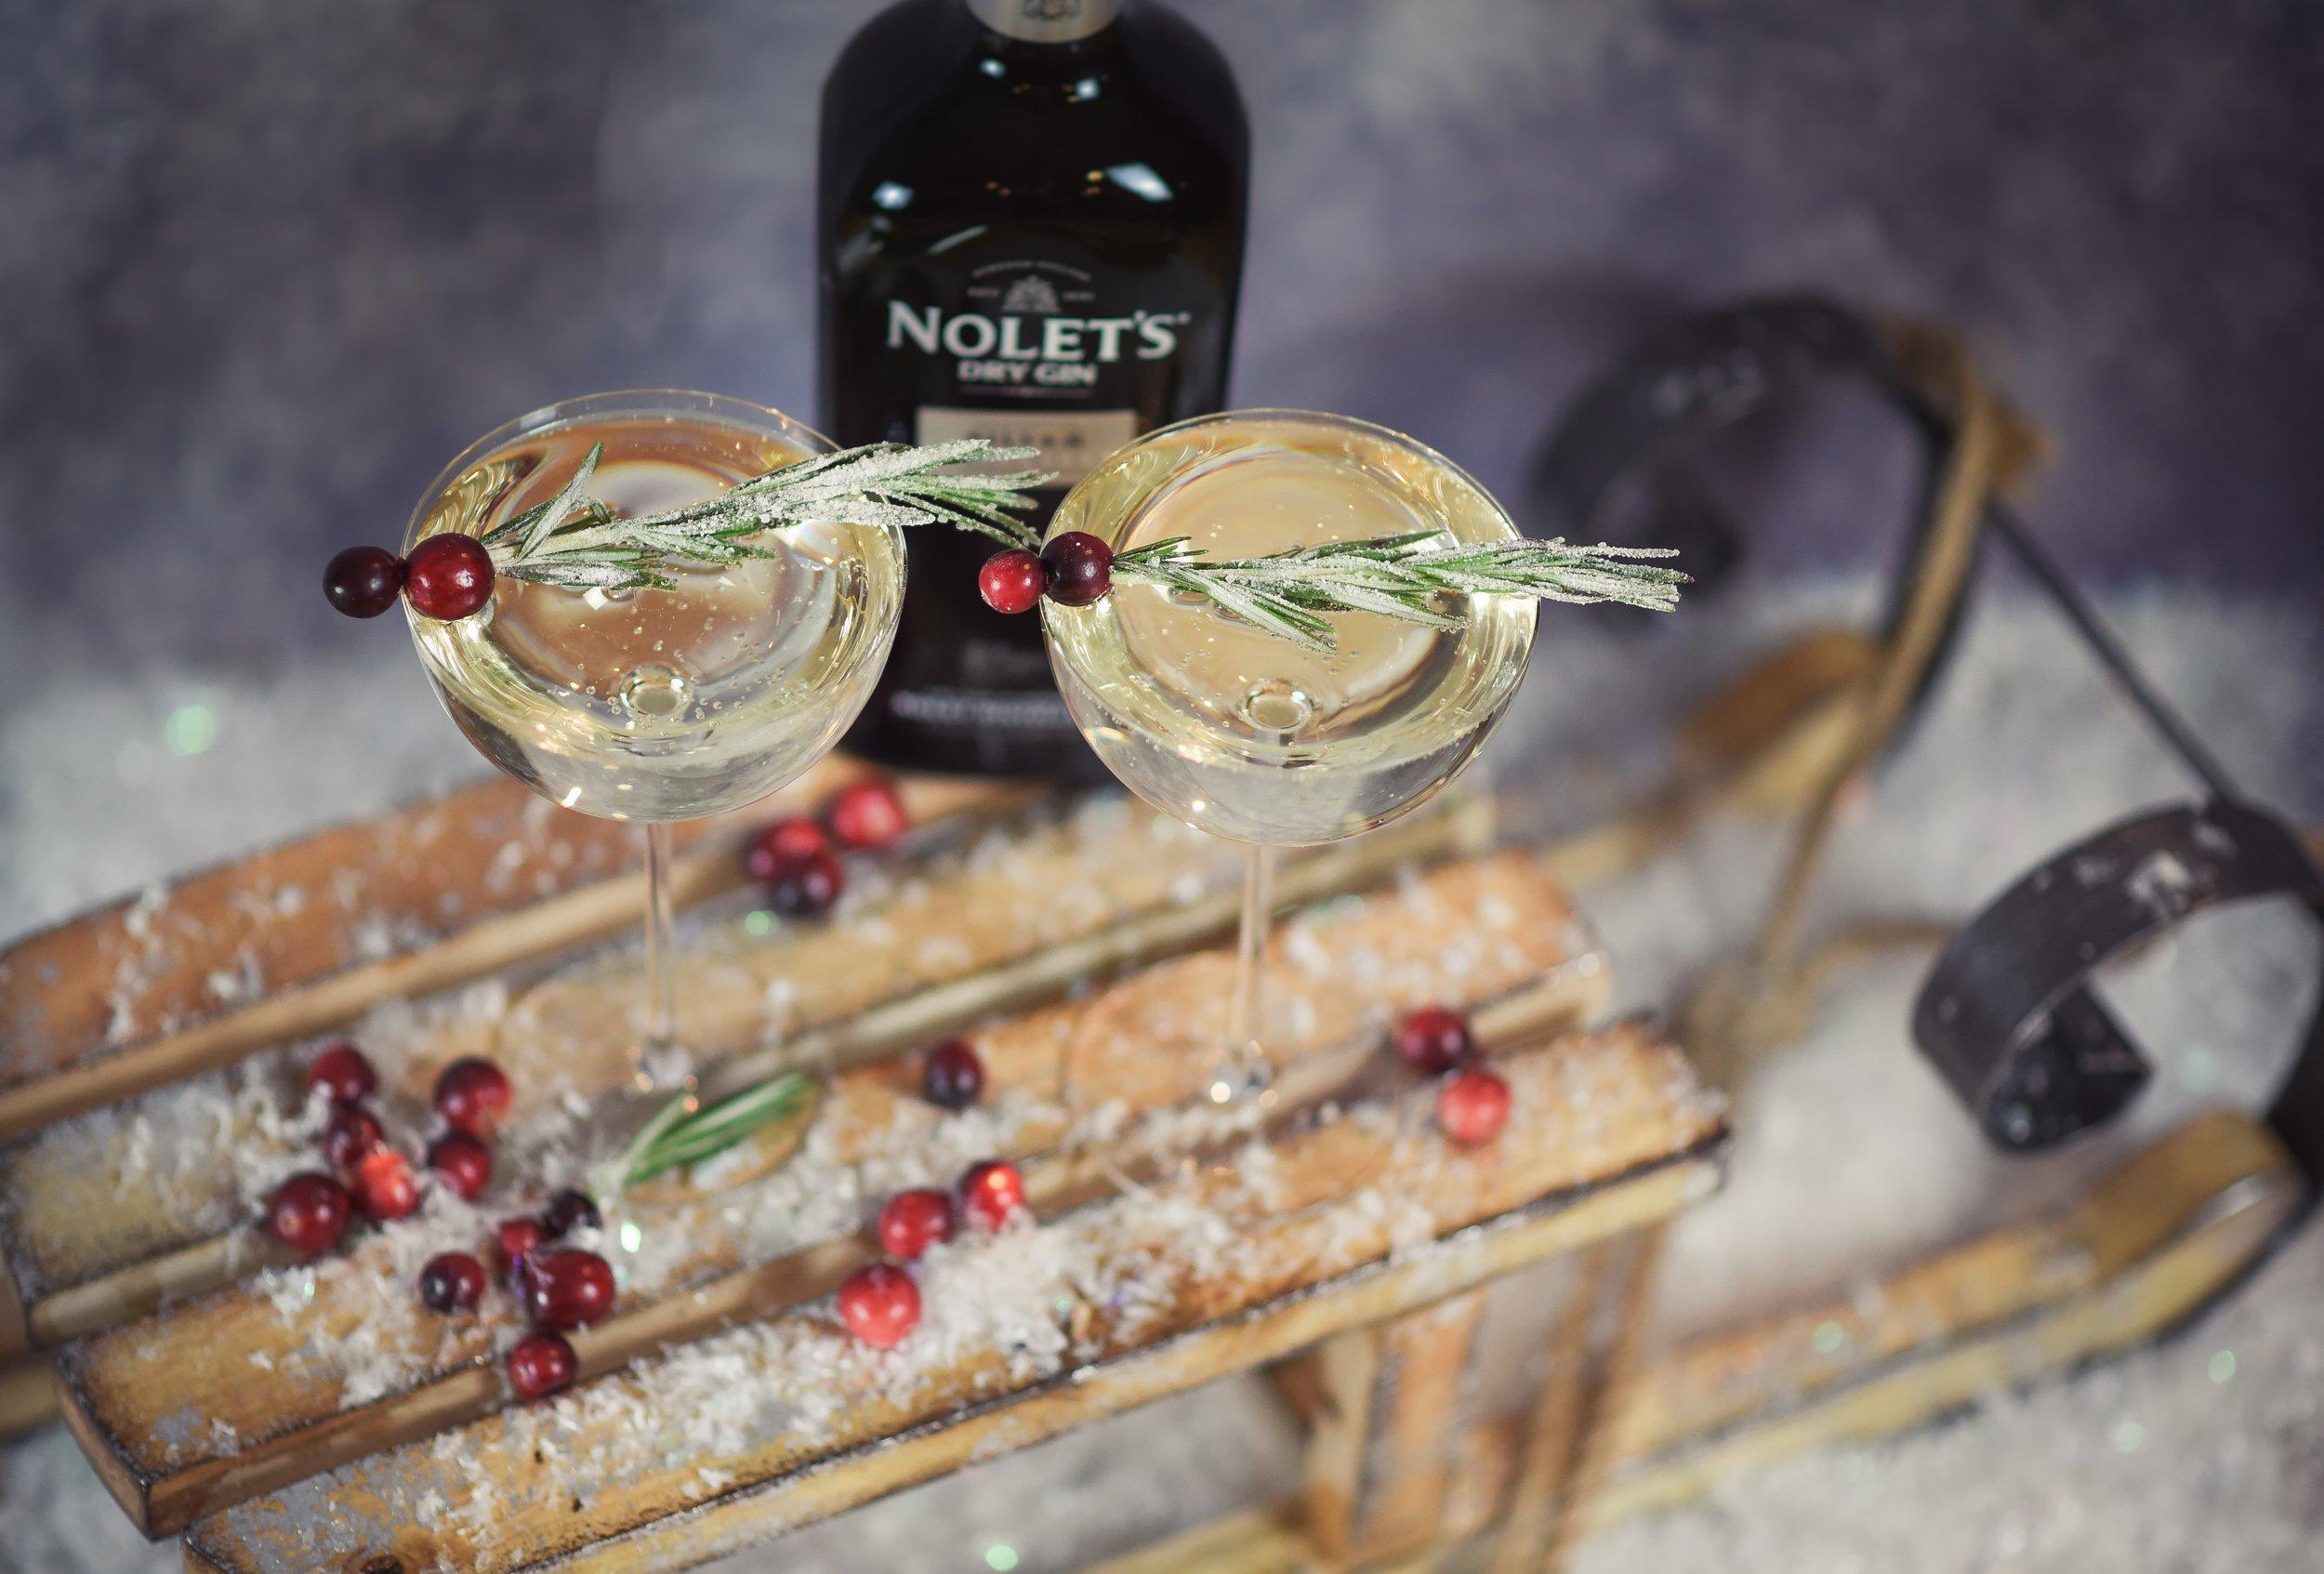 Nolet's Gin Winter White